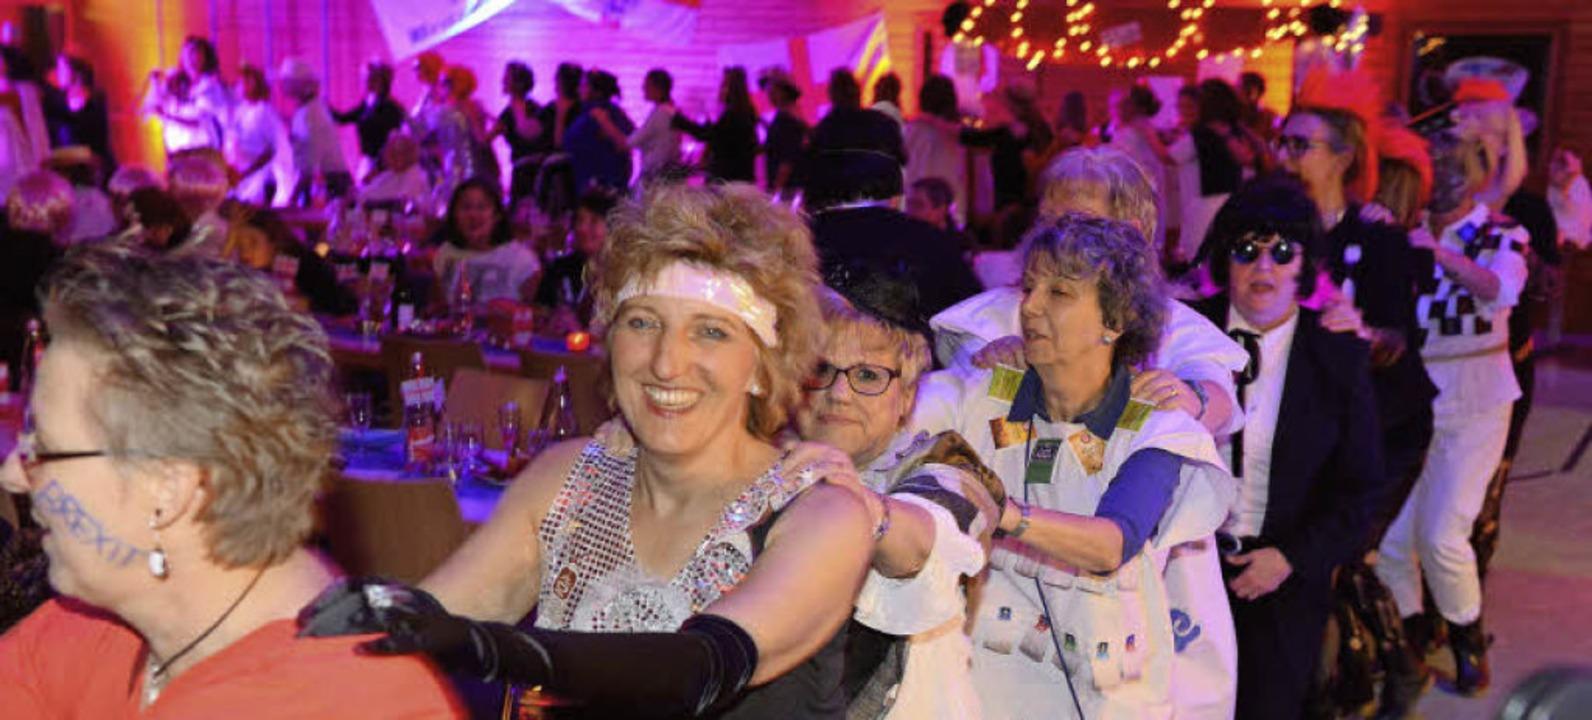 Auch kontinentalen Spaß-Konventionen w...aise waren die Ladies nicht abgeneigt.  | Foto: Rita Eggstein